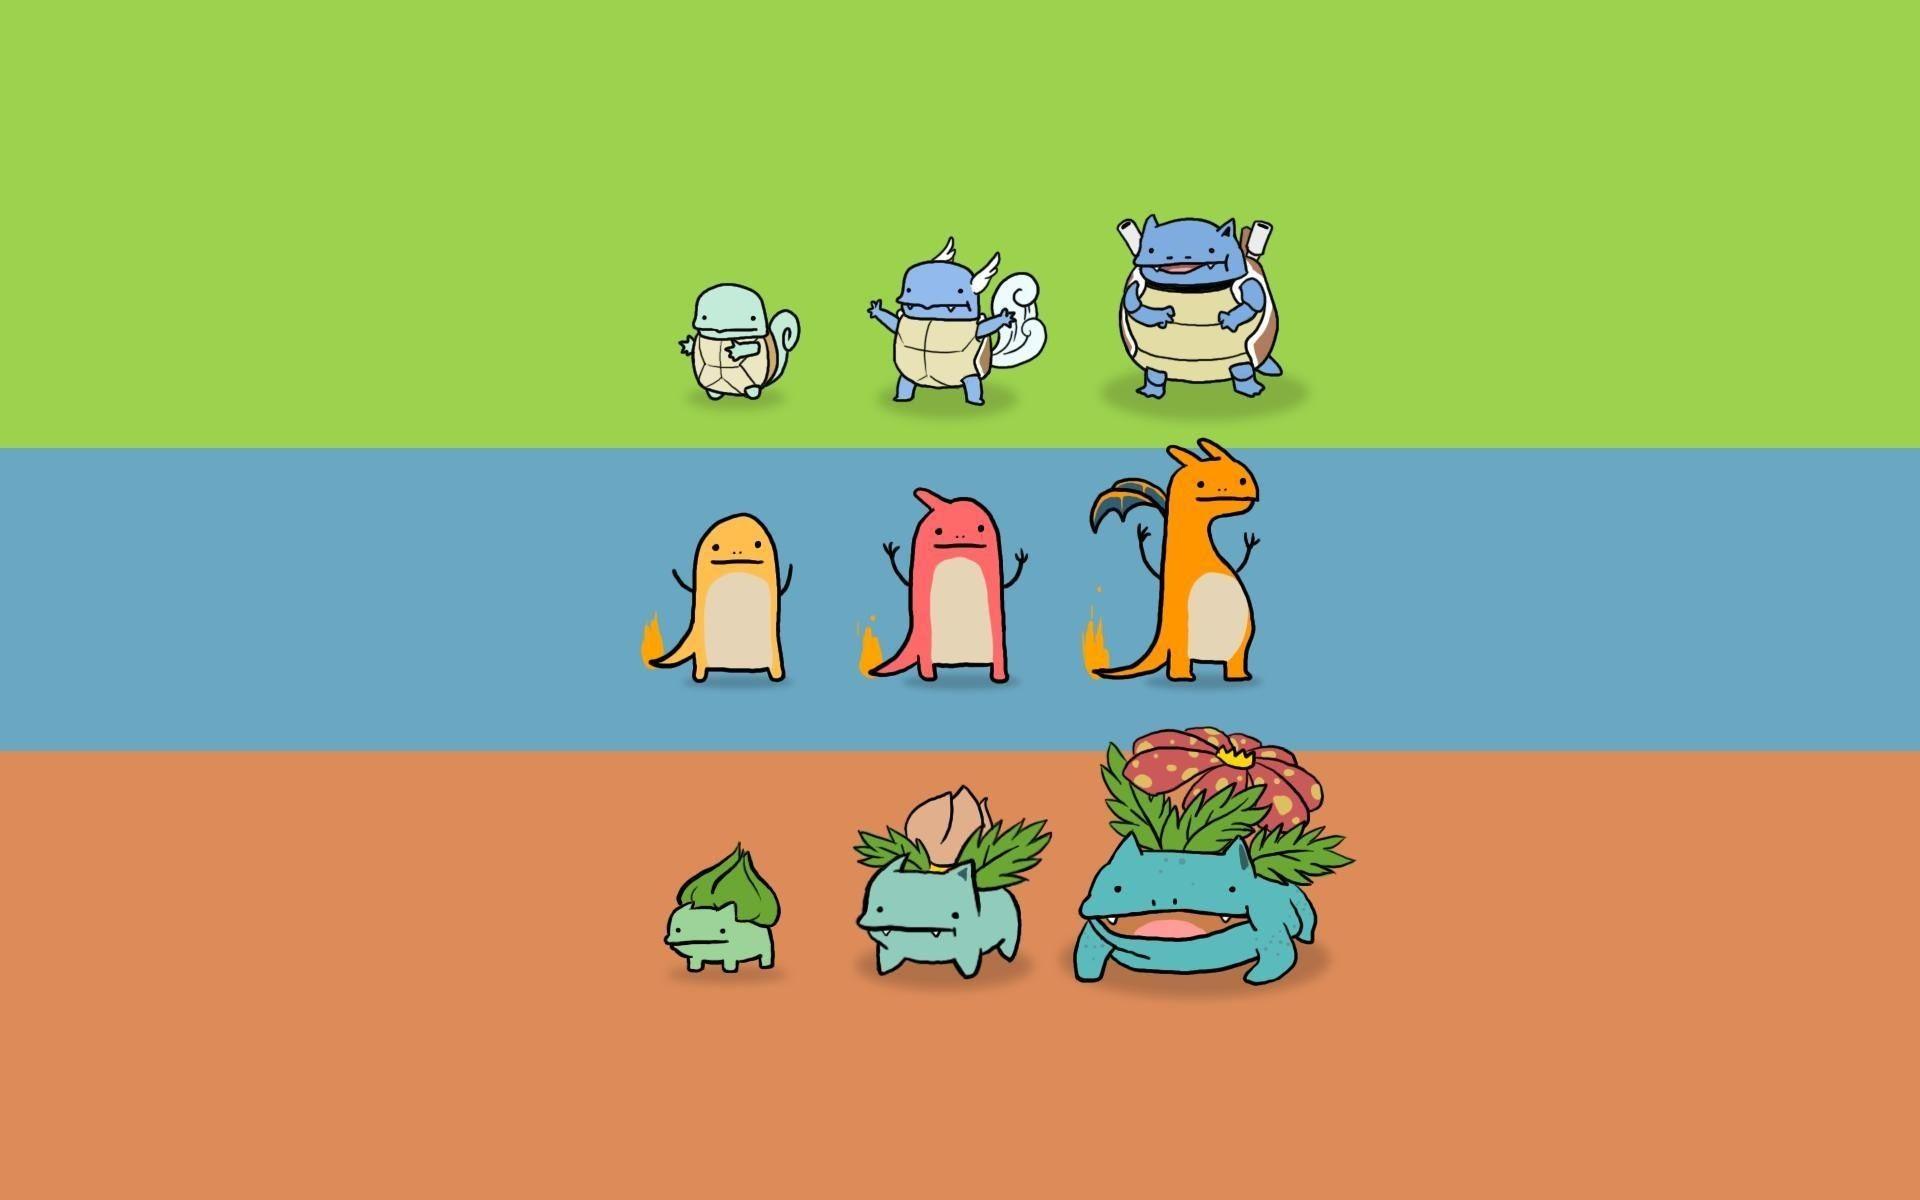 Pokemon Computer Wallpapers, Desktop Backgrounds Id: 65556